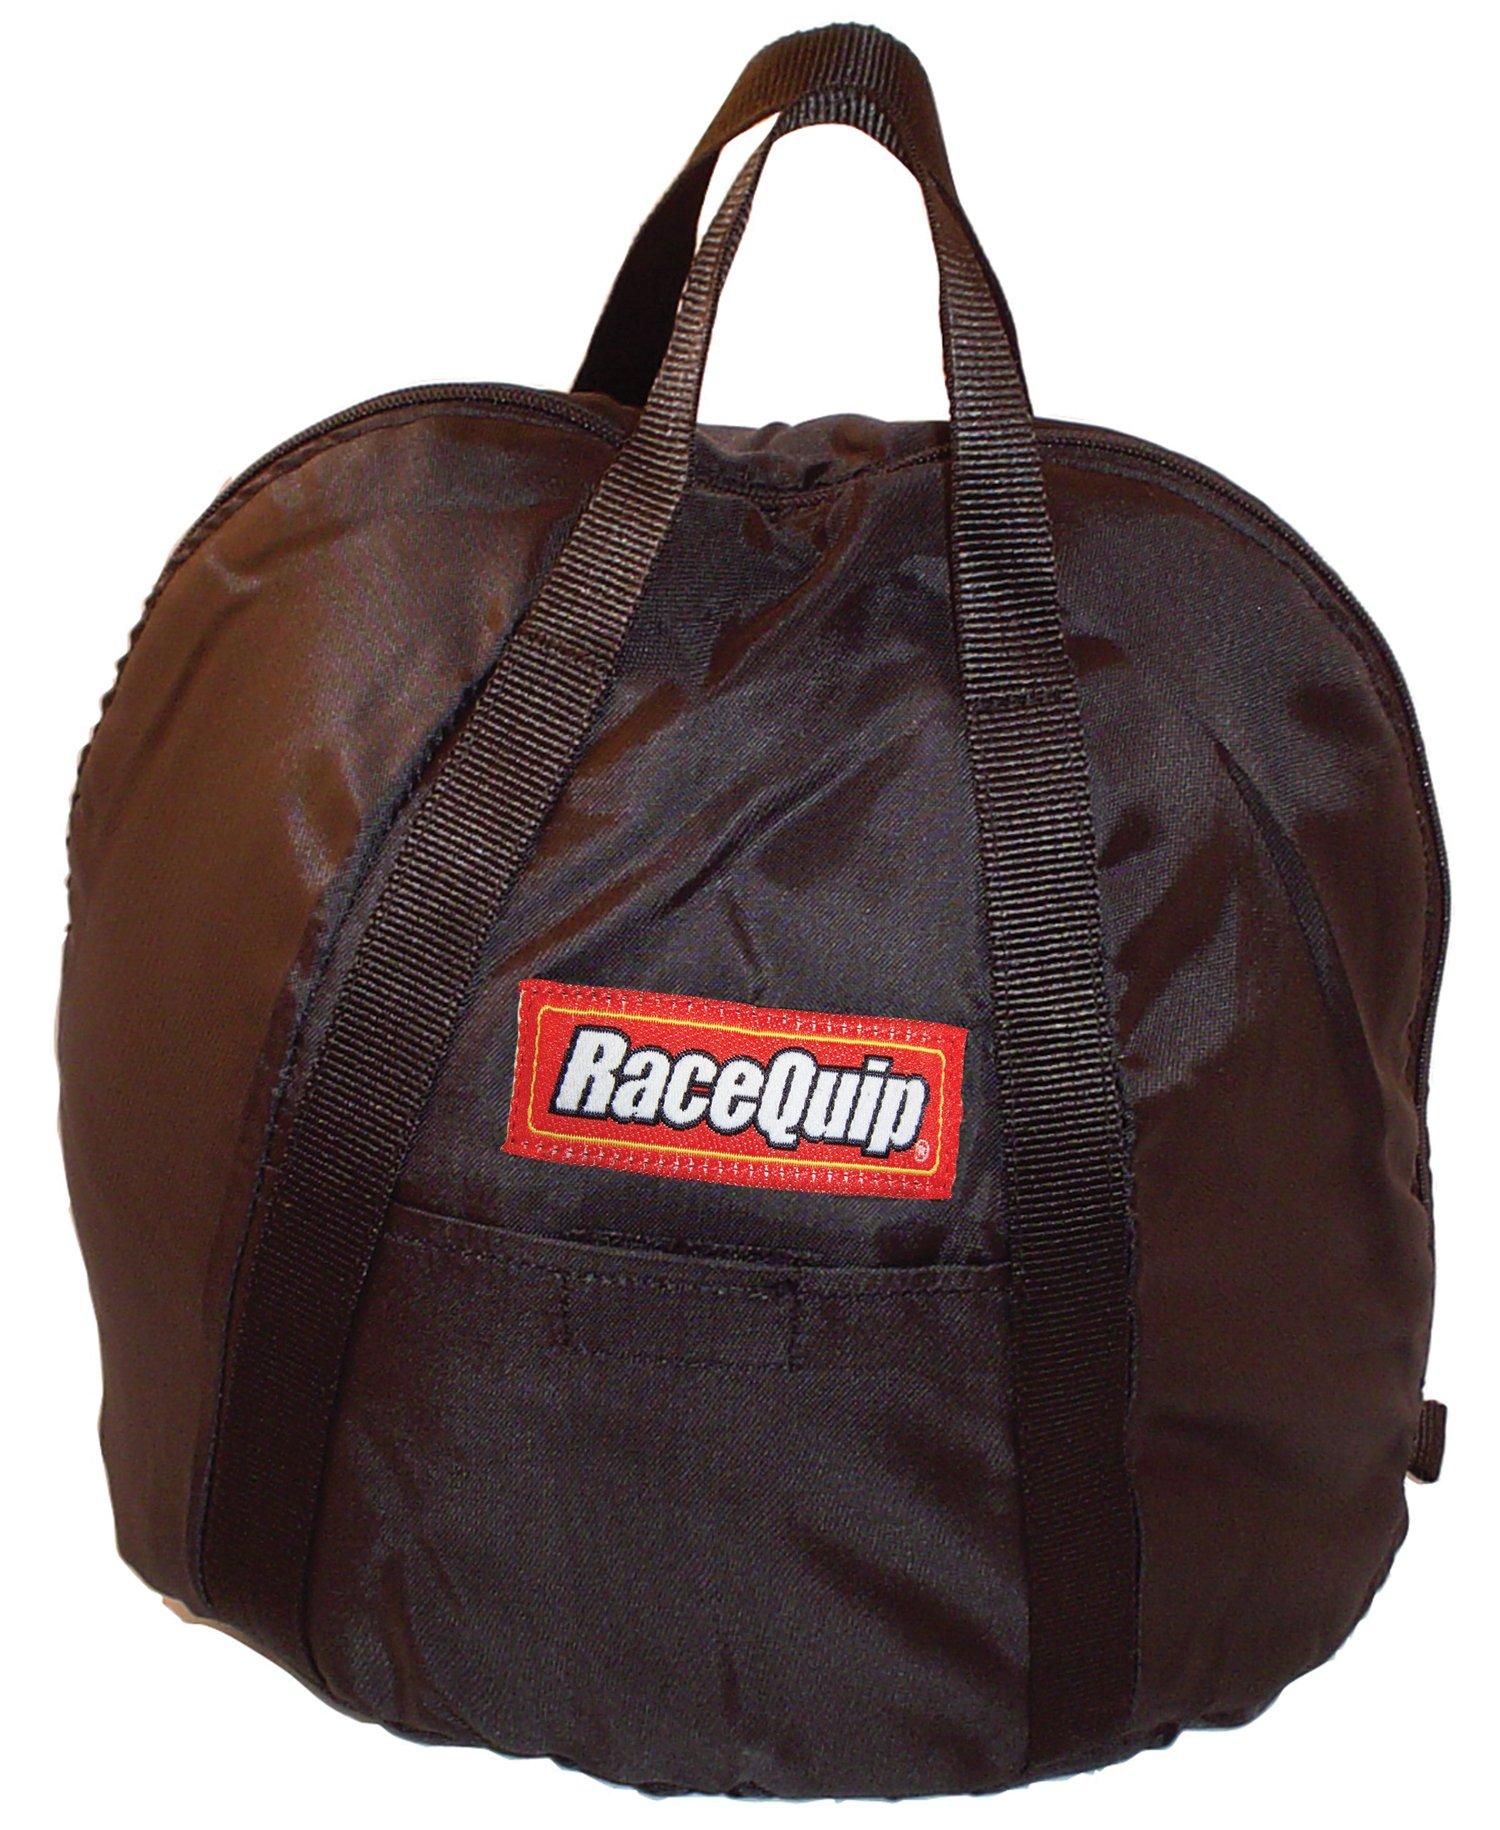 RaceQuip 300003 Black Heavy-Duty Helmet Bag by RaceQuip